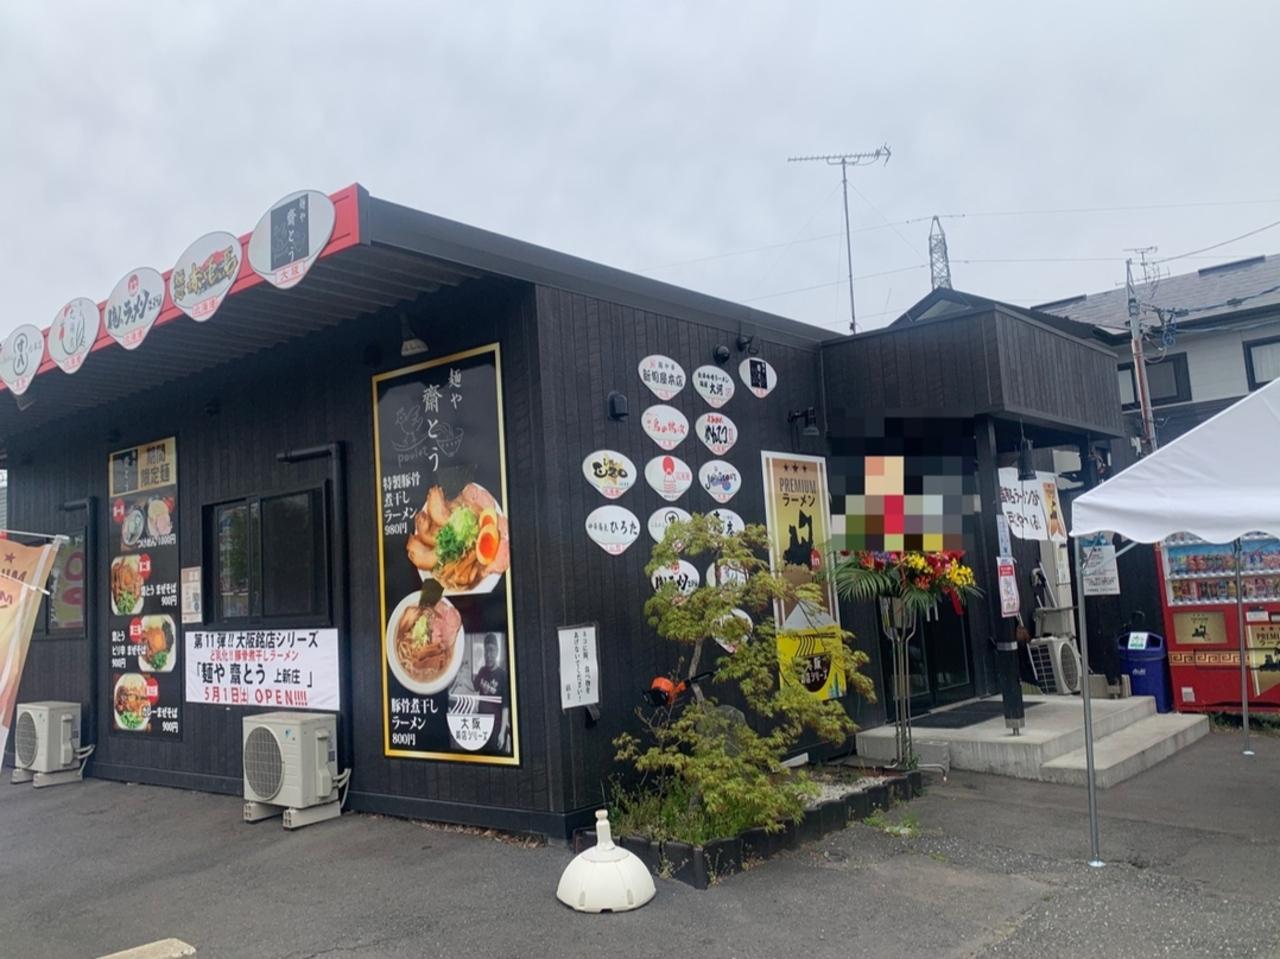 【八戸市】「プレミアムラーメンin八戸」「麺や齋とう」が21.5.1〜出店しています!